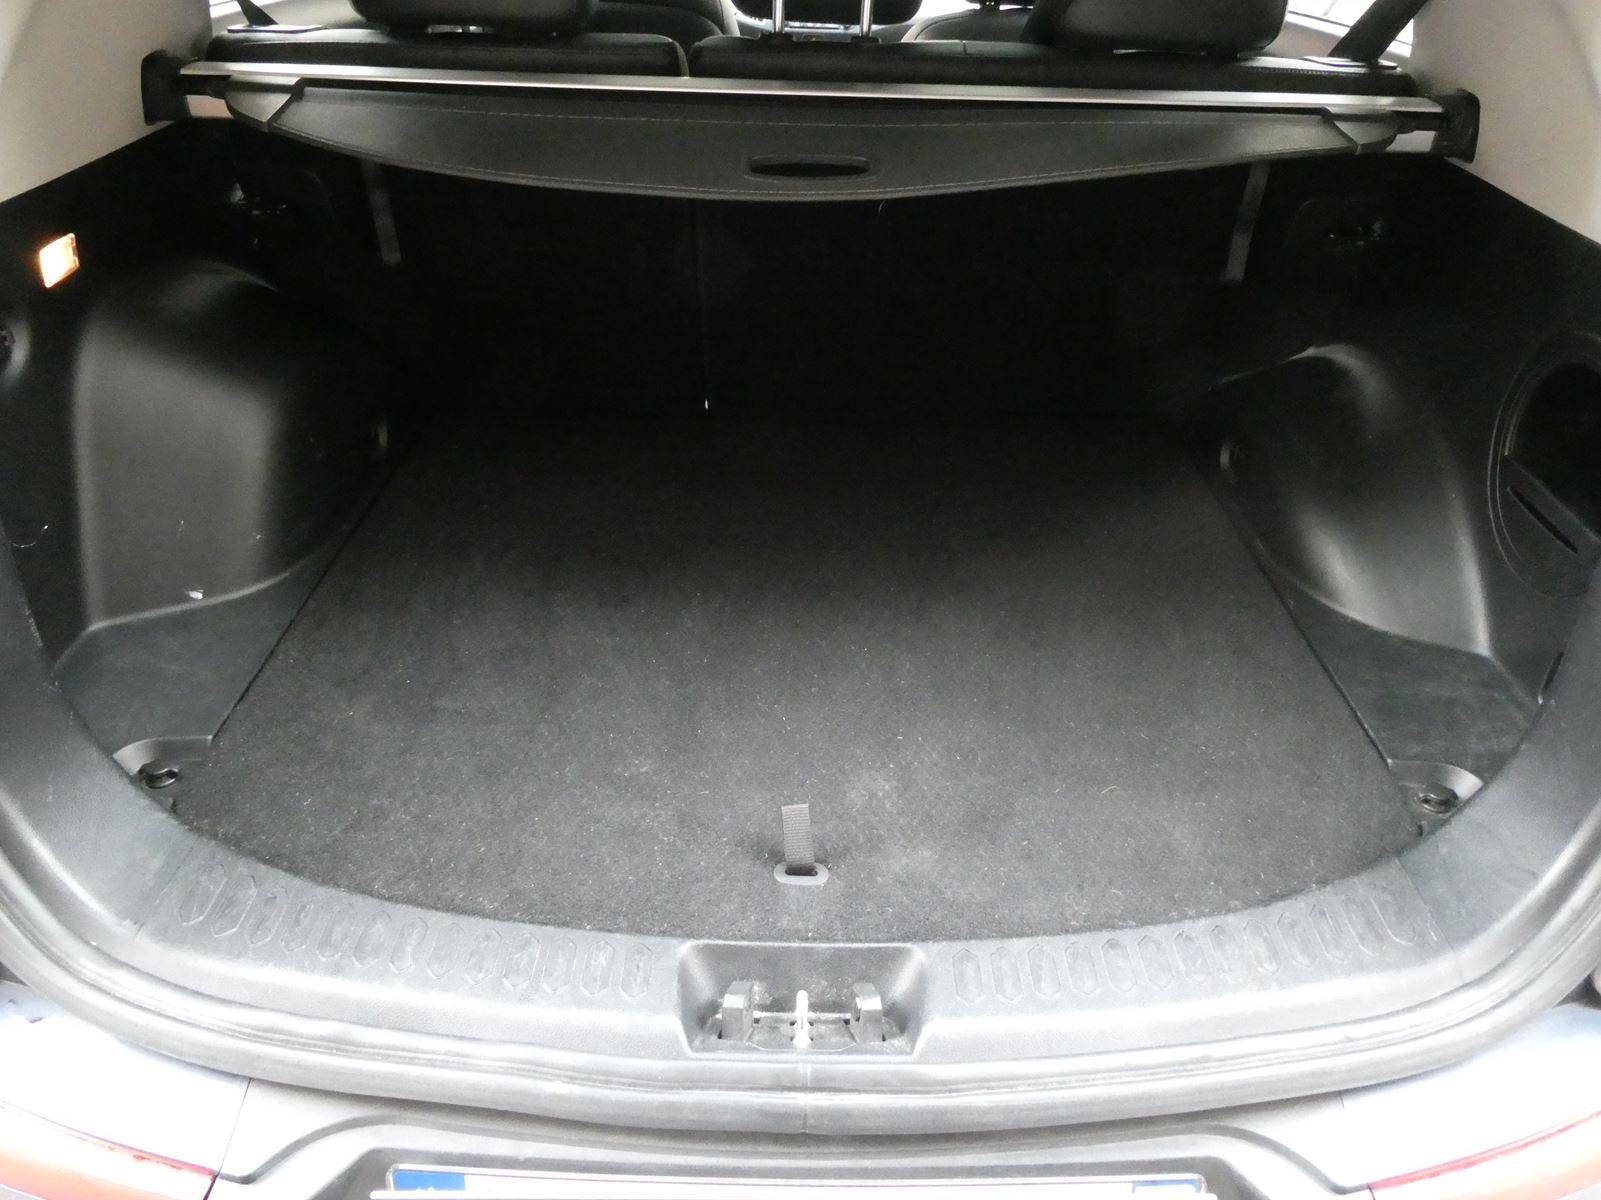 Kia Sportage 2.0 AWD Automatic 163 ch 16